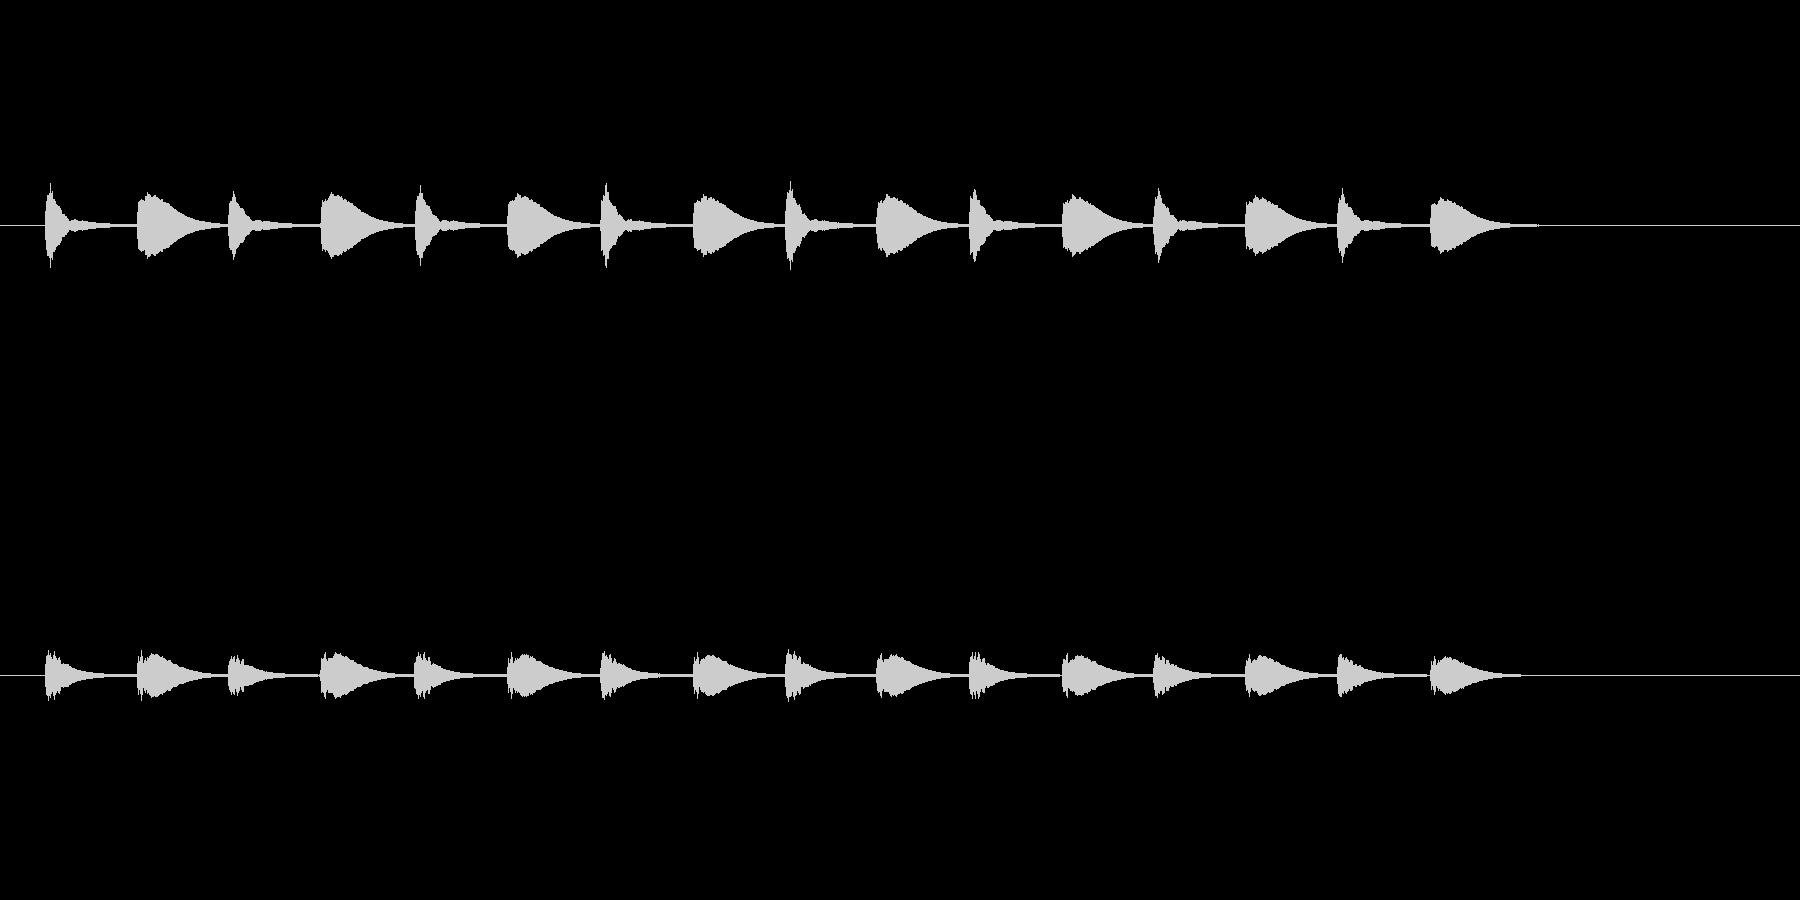 考え中…の未再生の波形